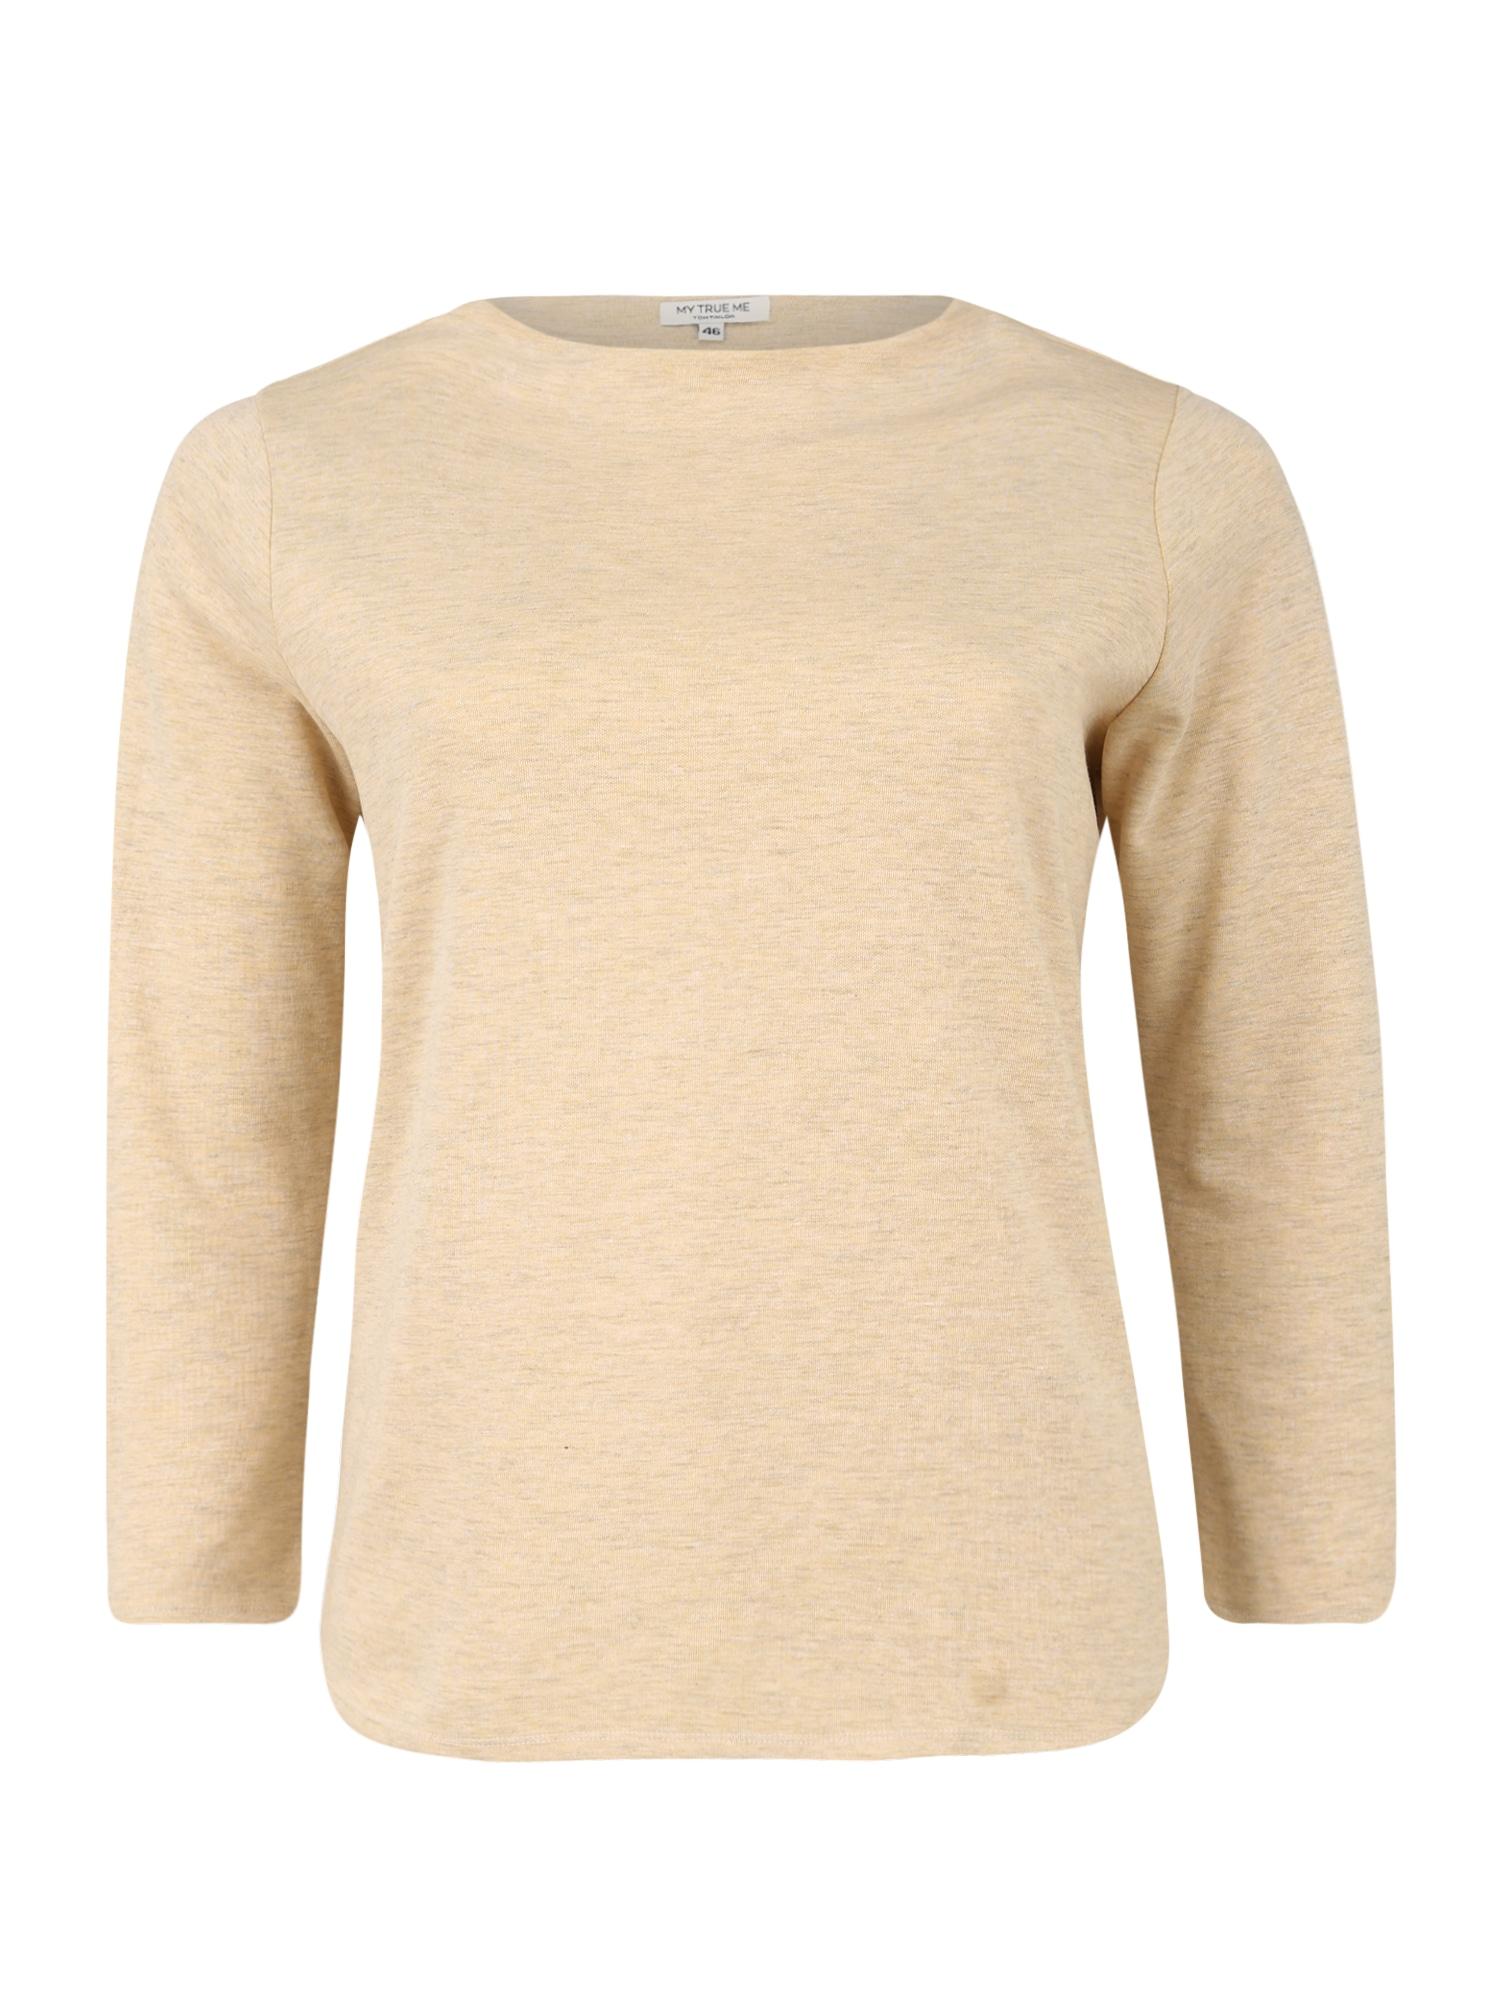 MY TRUE ME Marškinėliai gelsvai pilka spalva